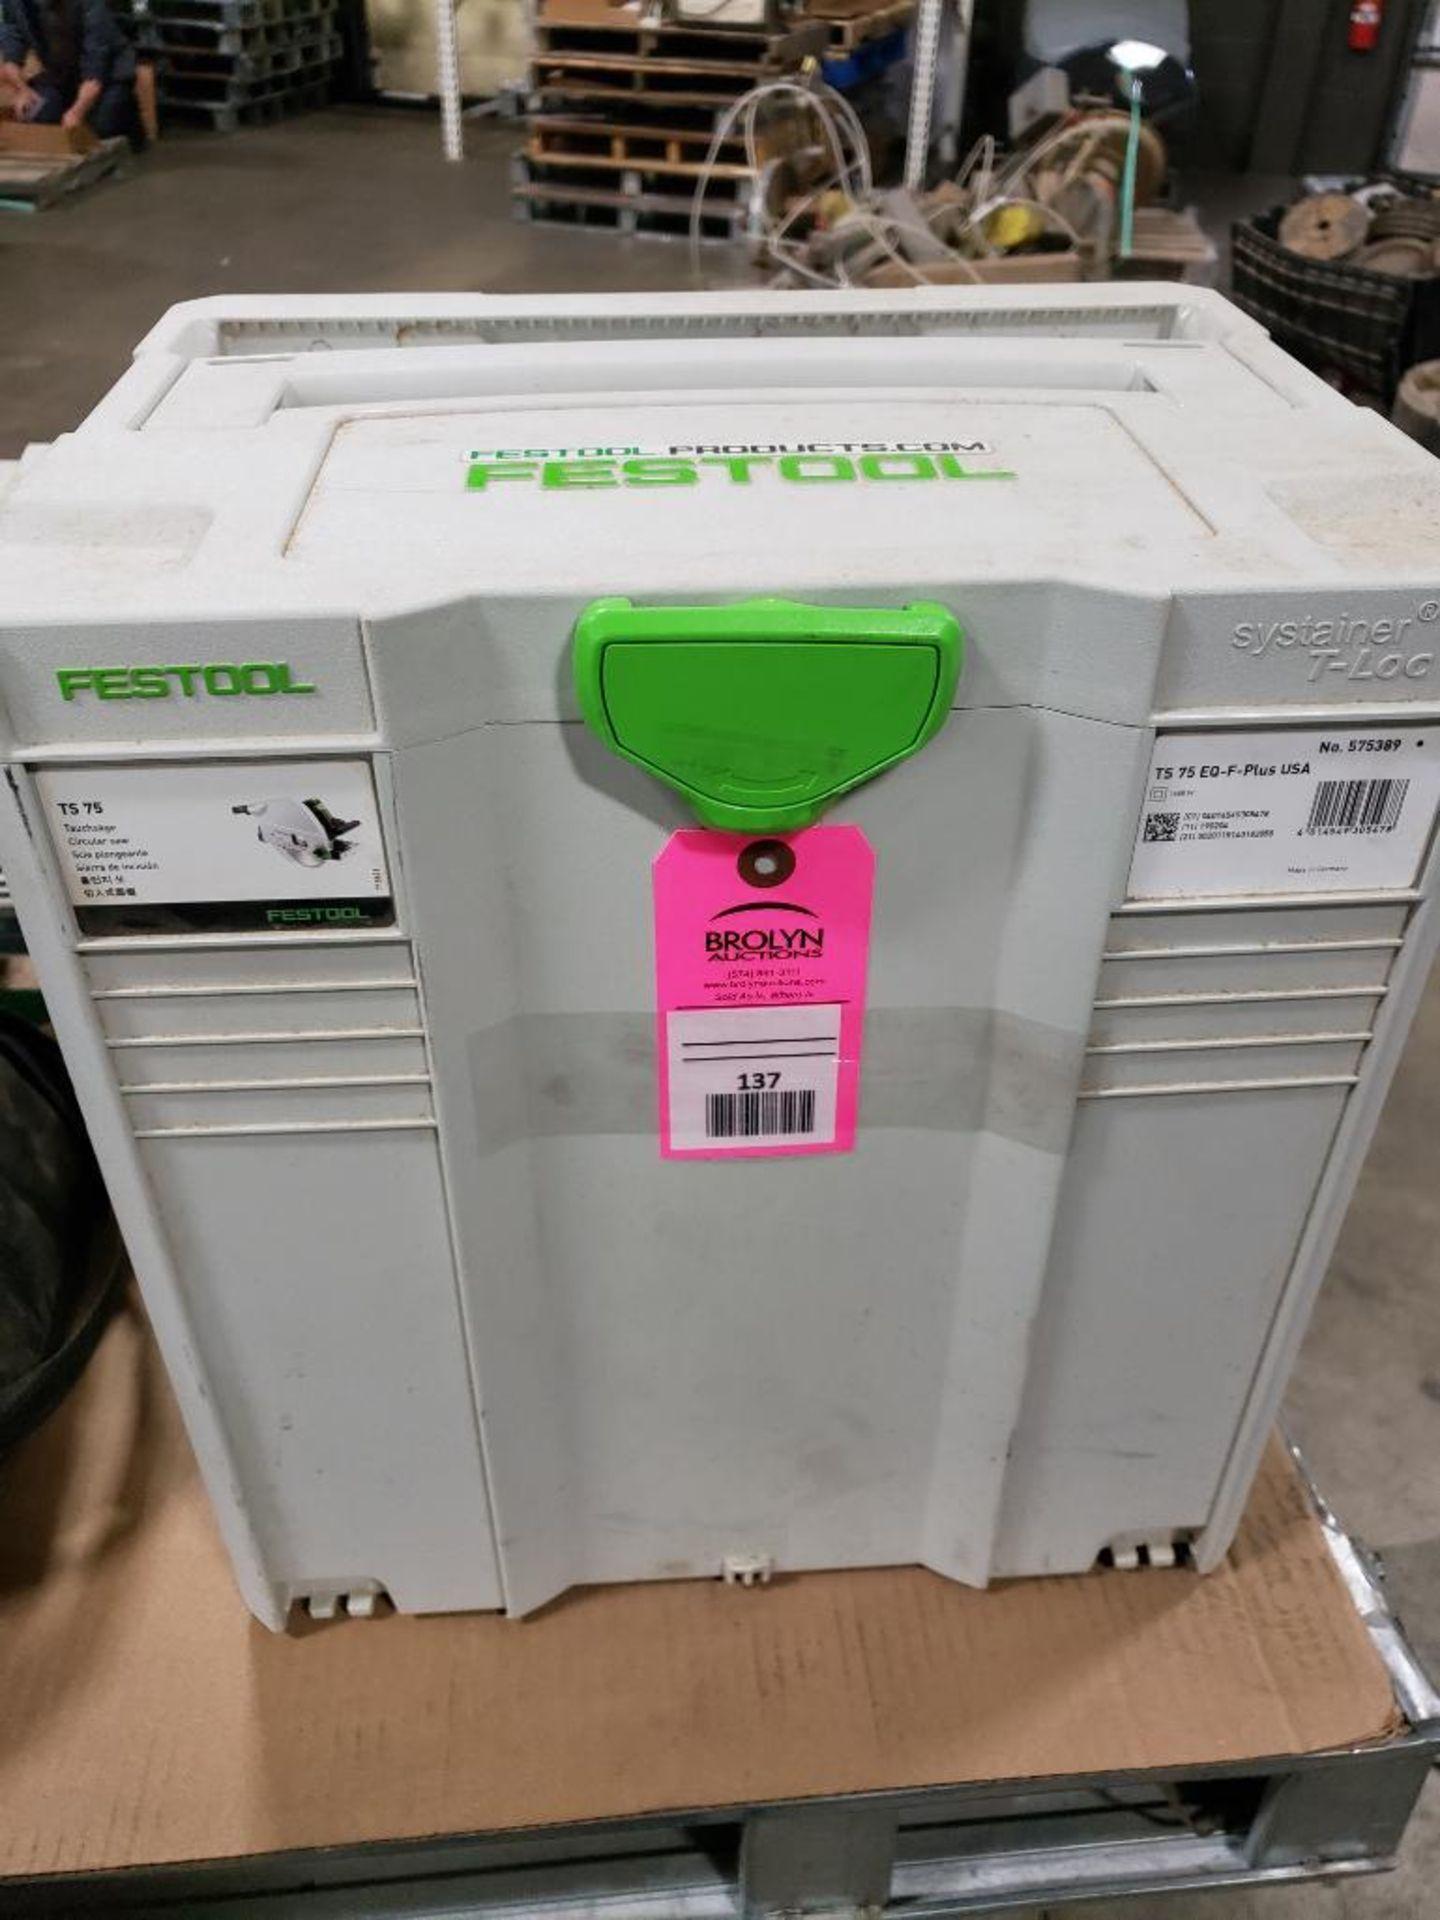 Festool TS75EQ-F-Plus USA Circular saw. 13AMP, 120V.